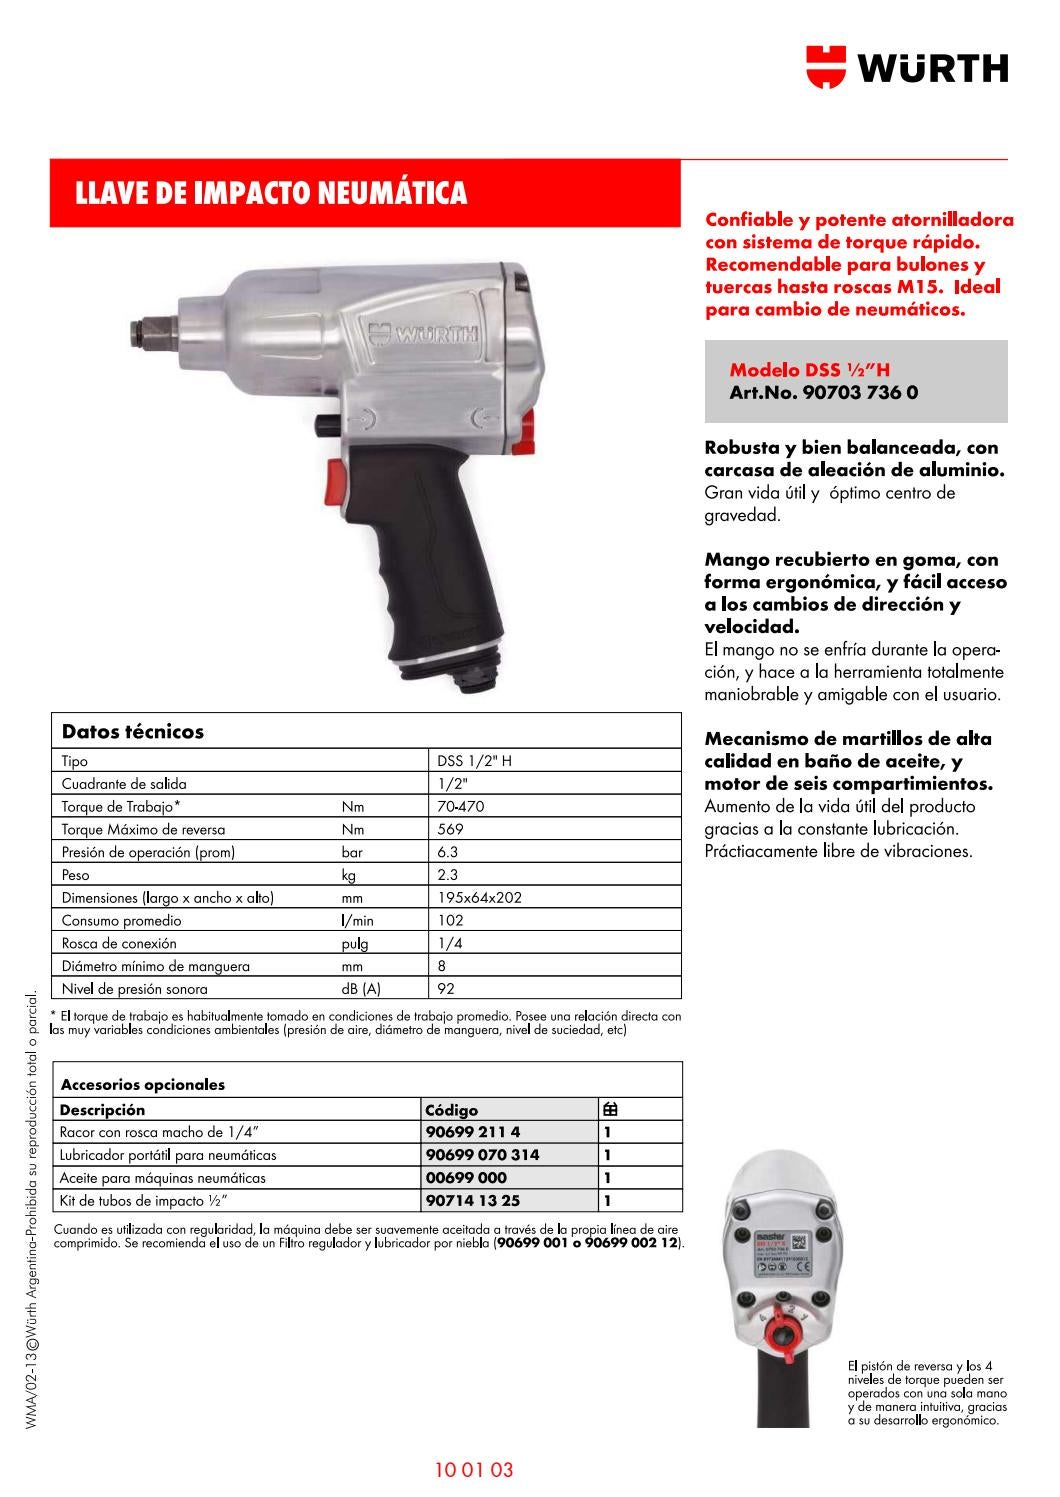 Tubo 4mm X 4mm vástago neumática Push-en el conector y Tubo y vástago de montaje